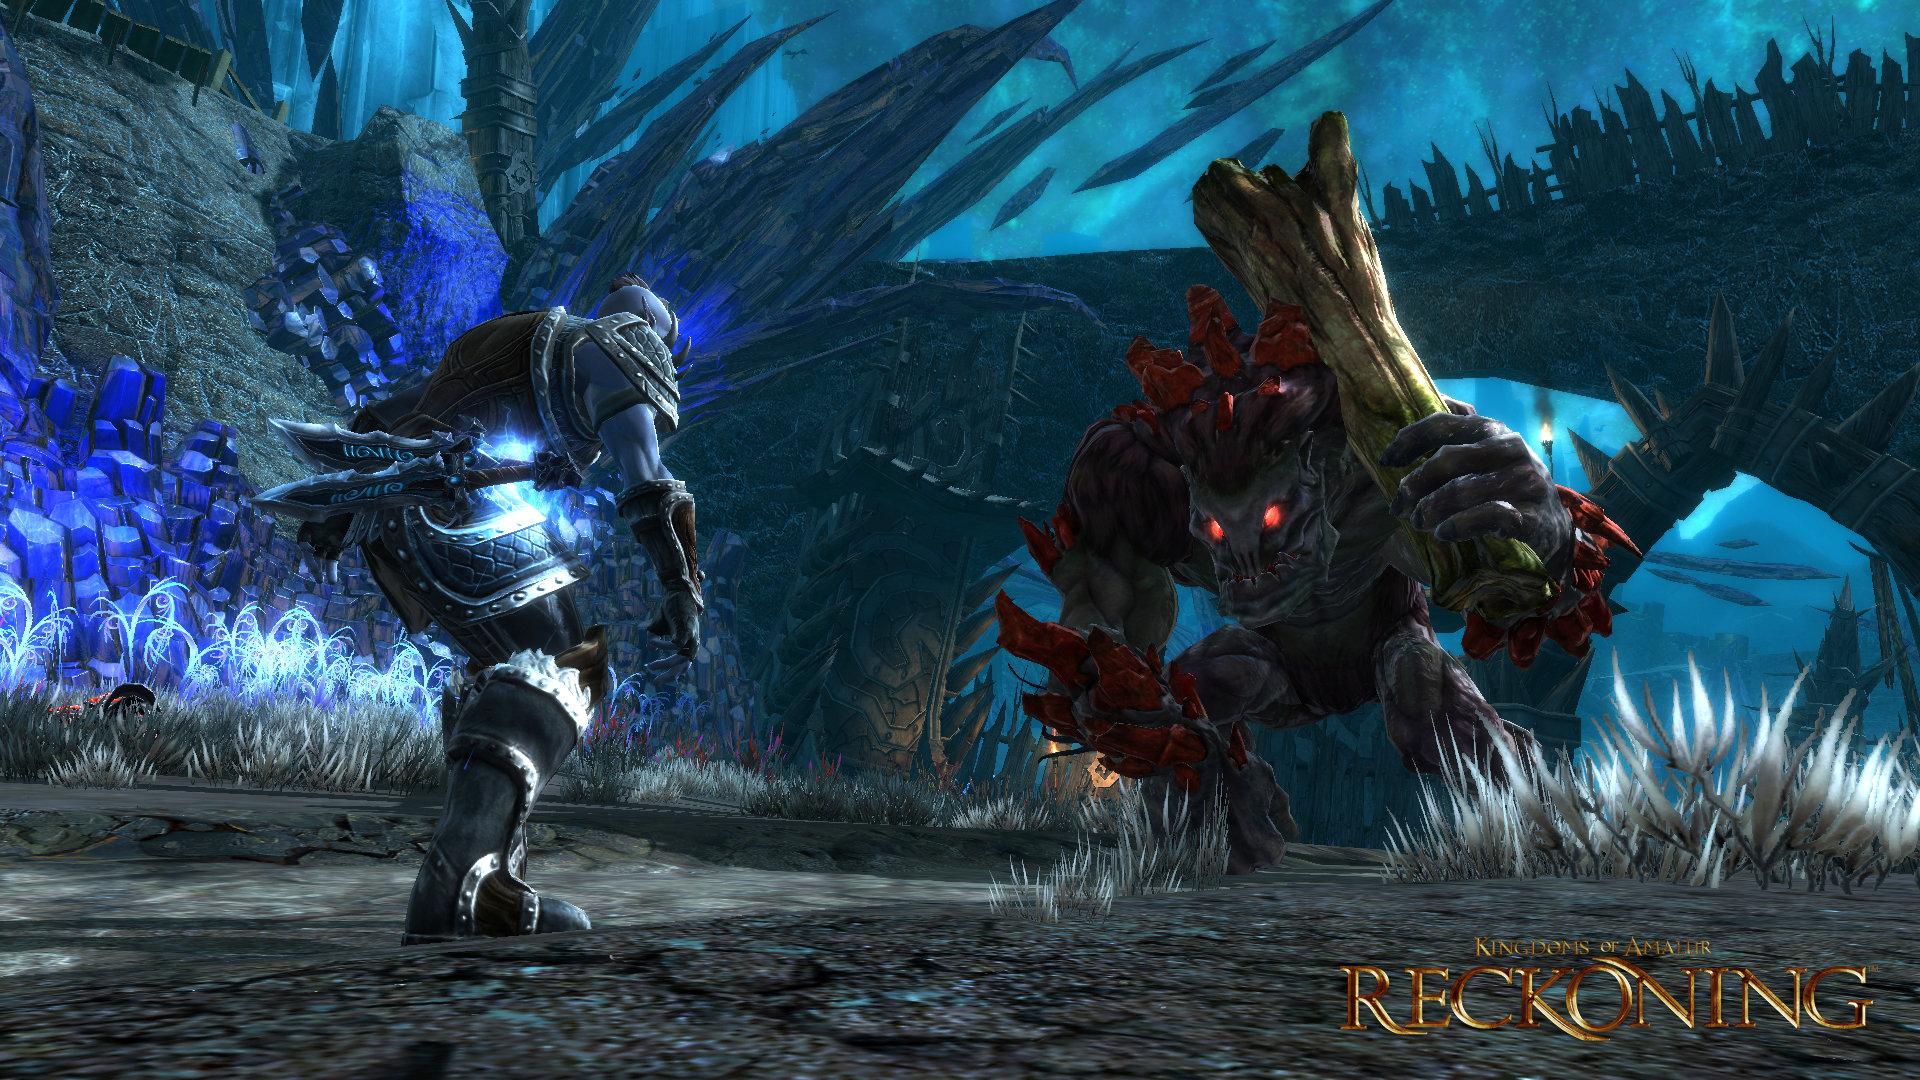 Troll Battle (gamescom) – 25.08.2011